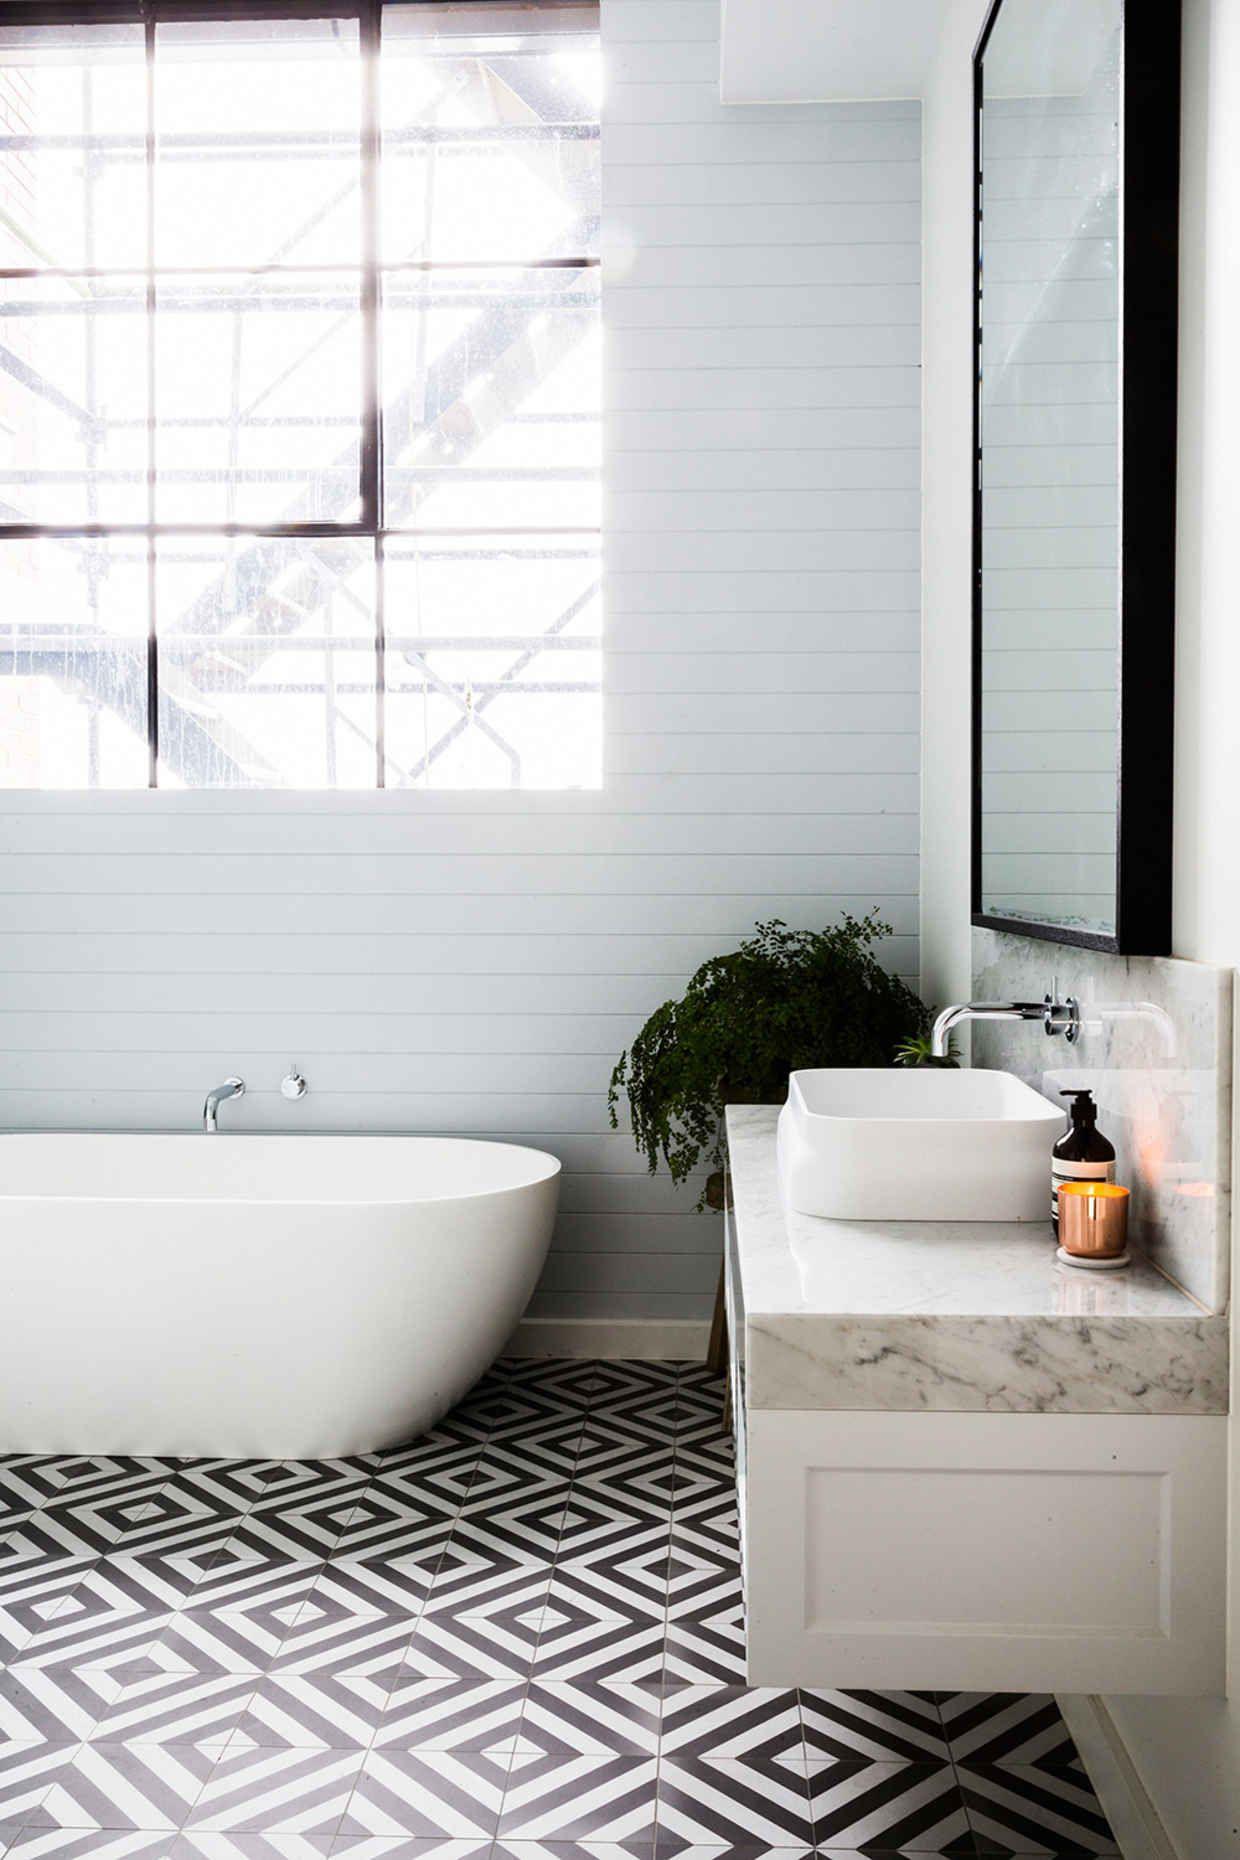 20 Examples Of Minimal Interior Design #20 The Block Bathroomblack